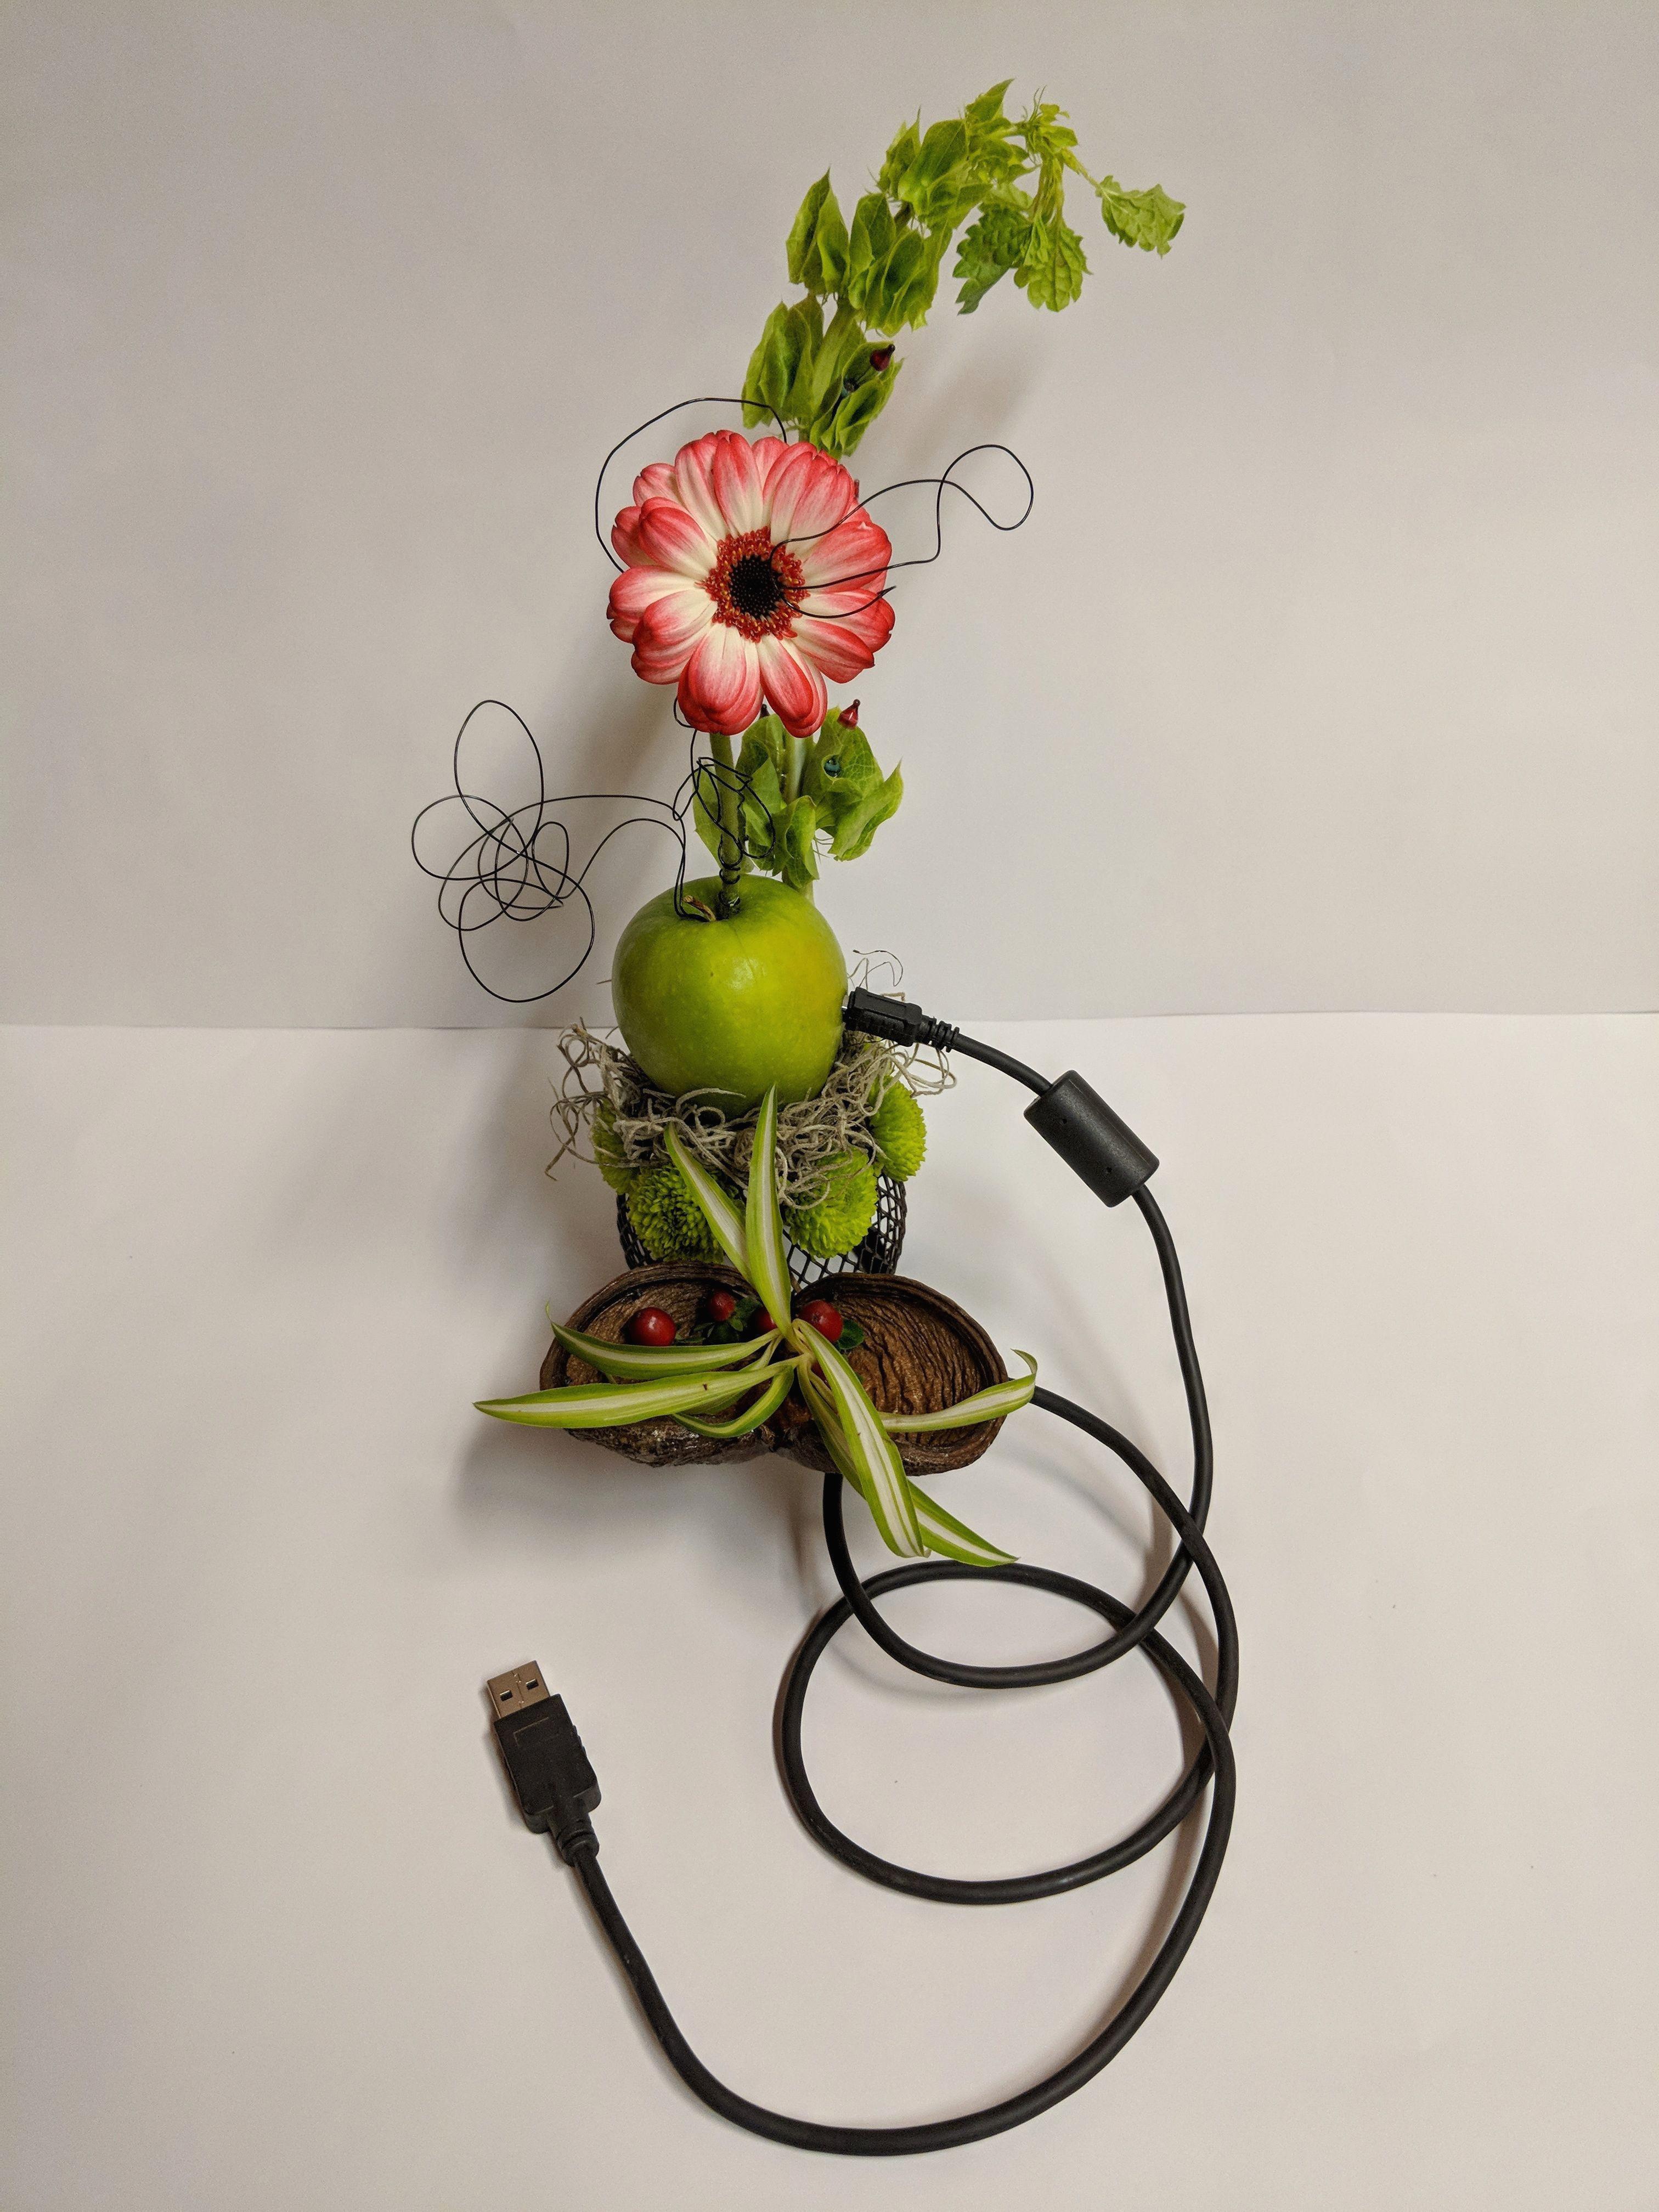 Floral Decor for Home Beautiful Decor Floral Decor Floral Decor 0d Black Flower Bouquet – Source